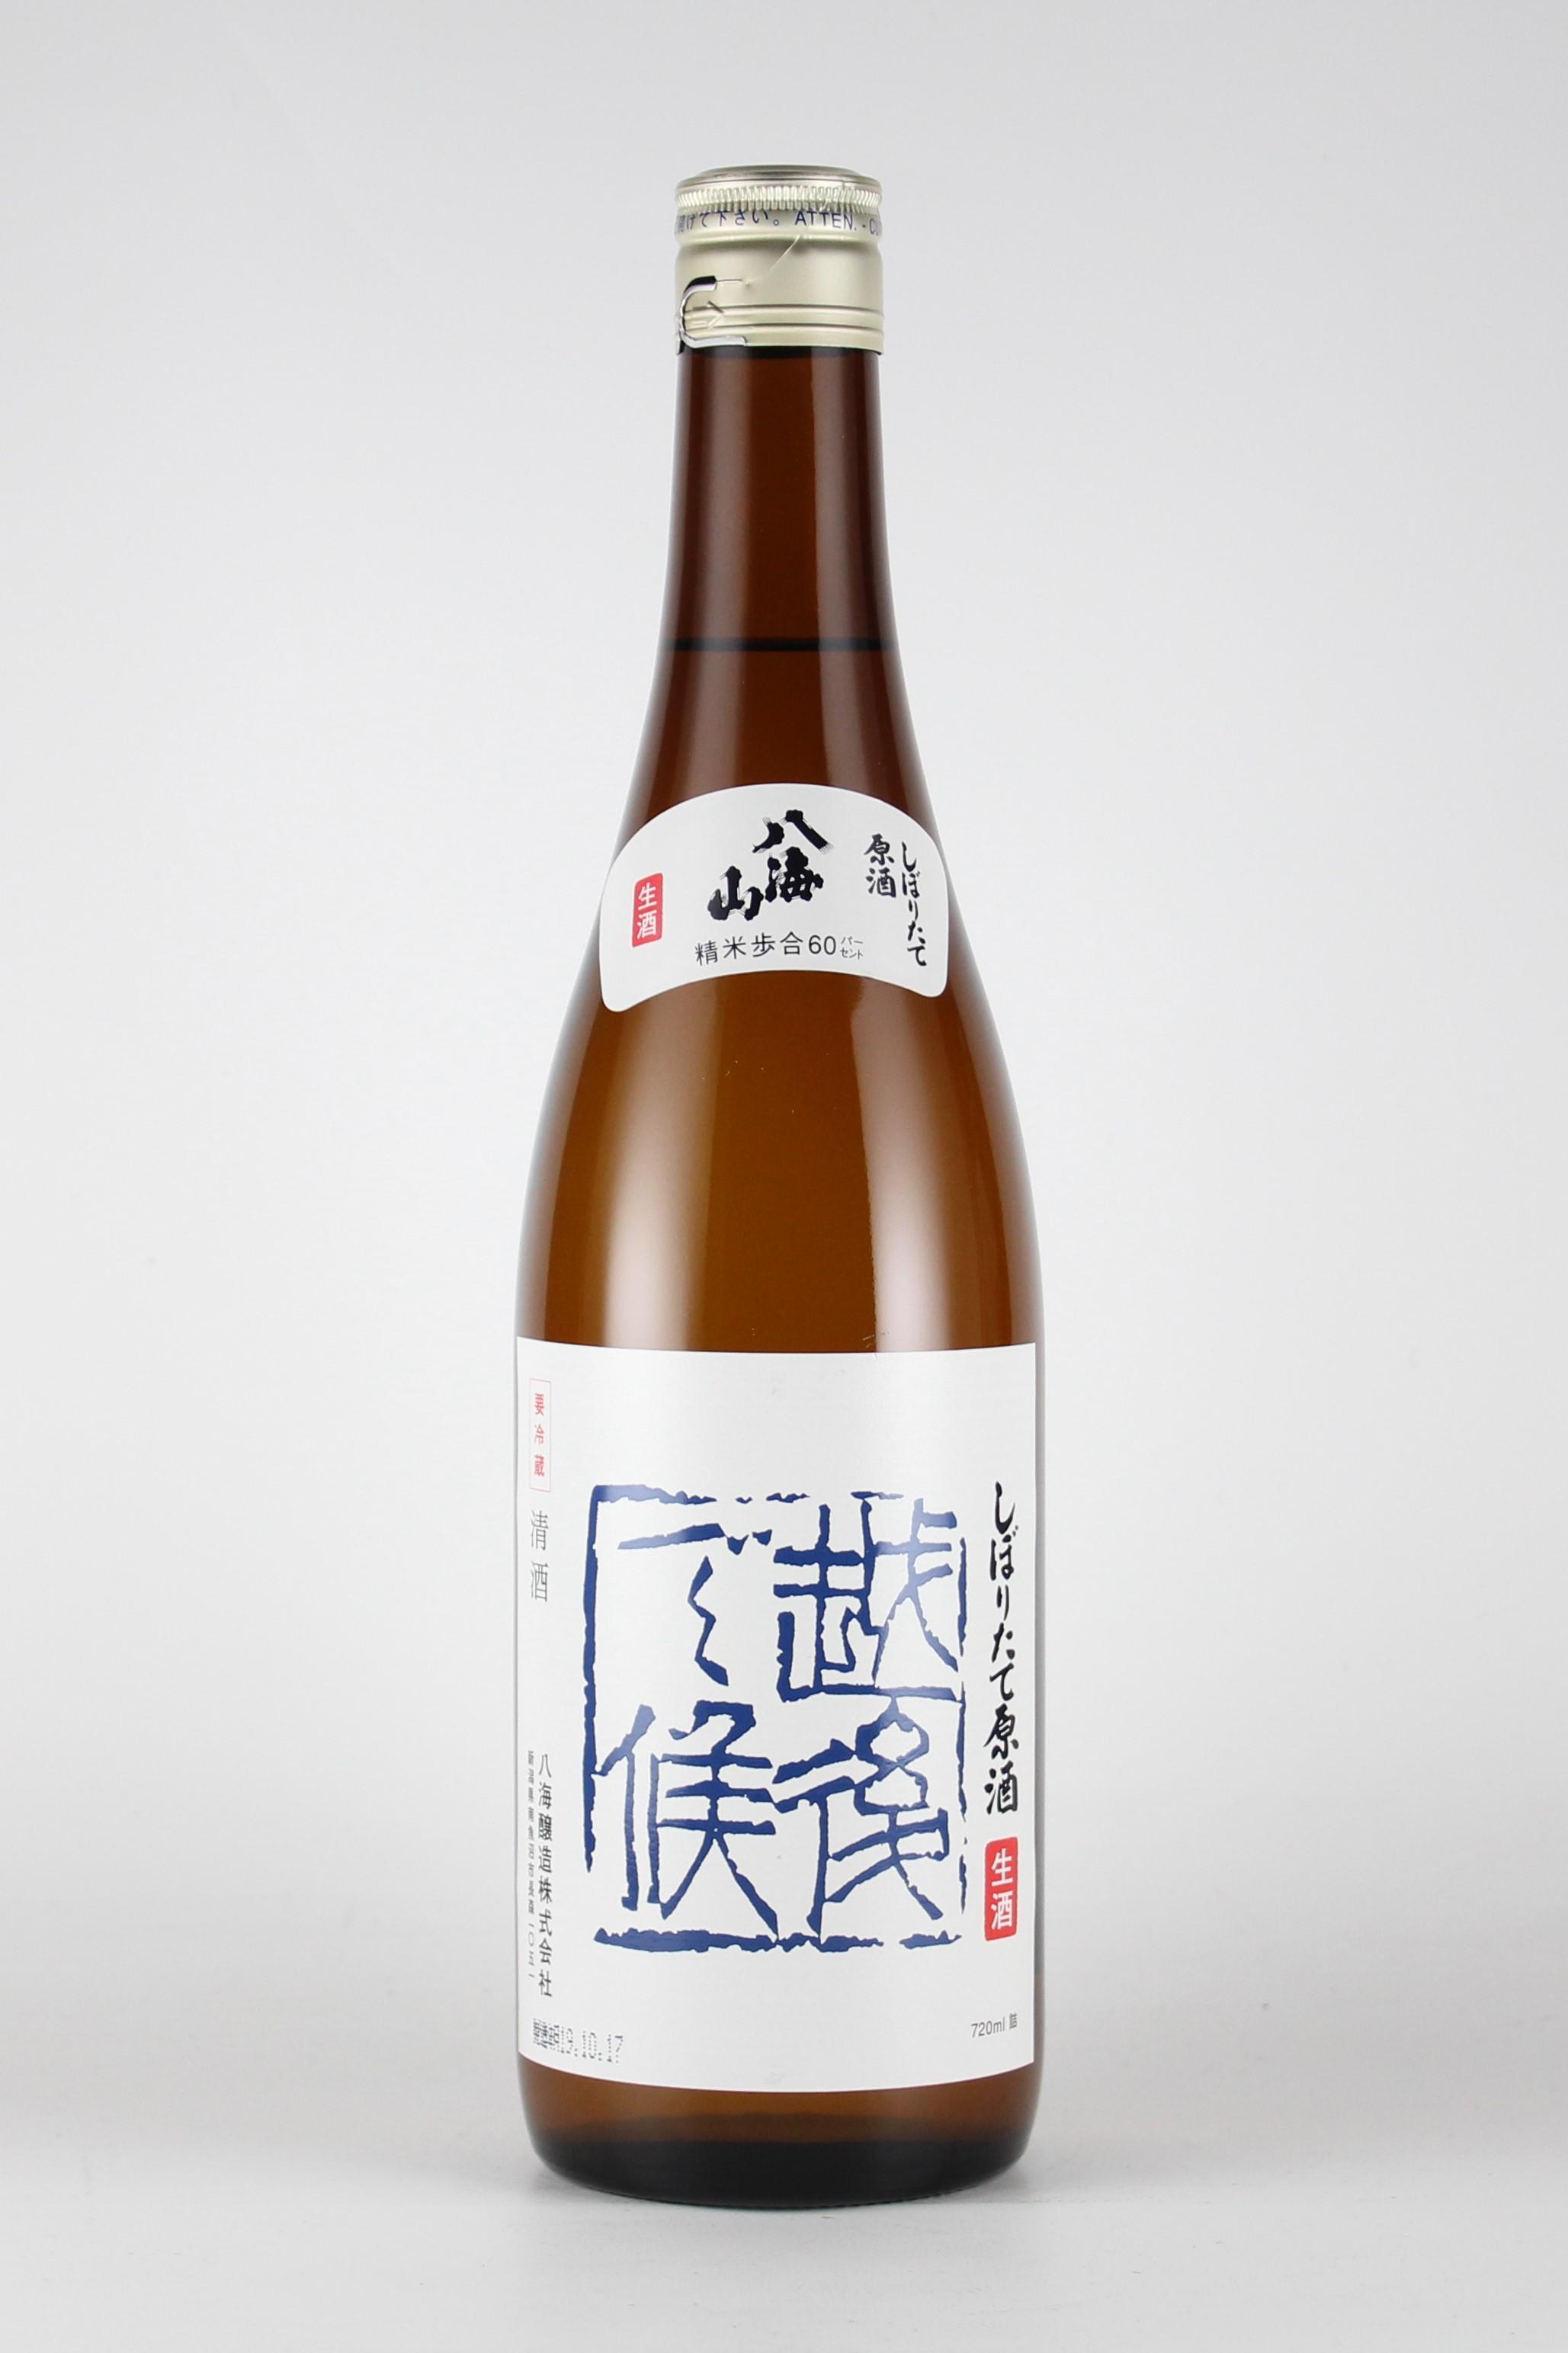 八海山2019 越後で候 青越後 しぼりたて生原酒 720ml 【新潟/八海醸造】